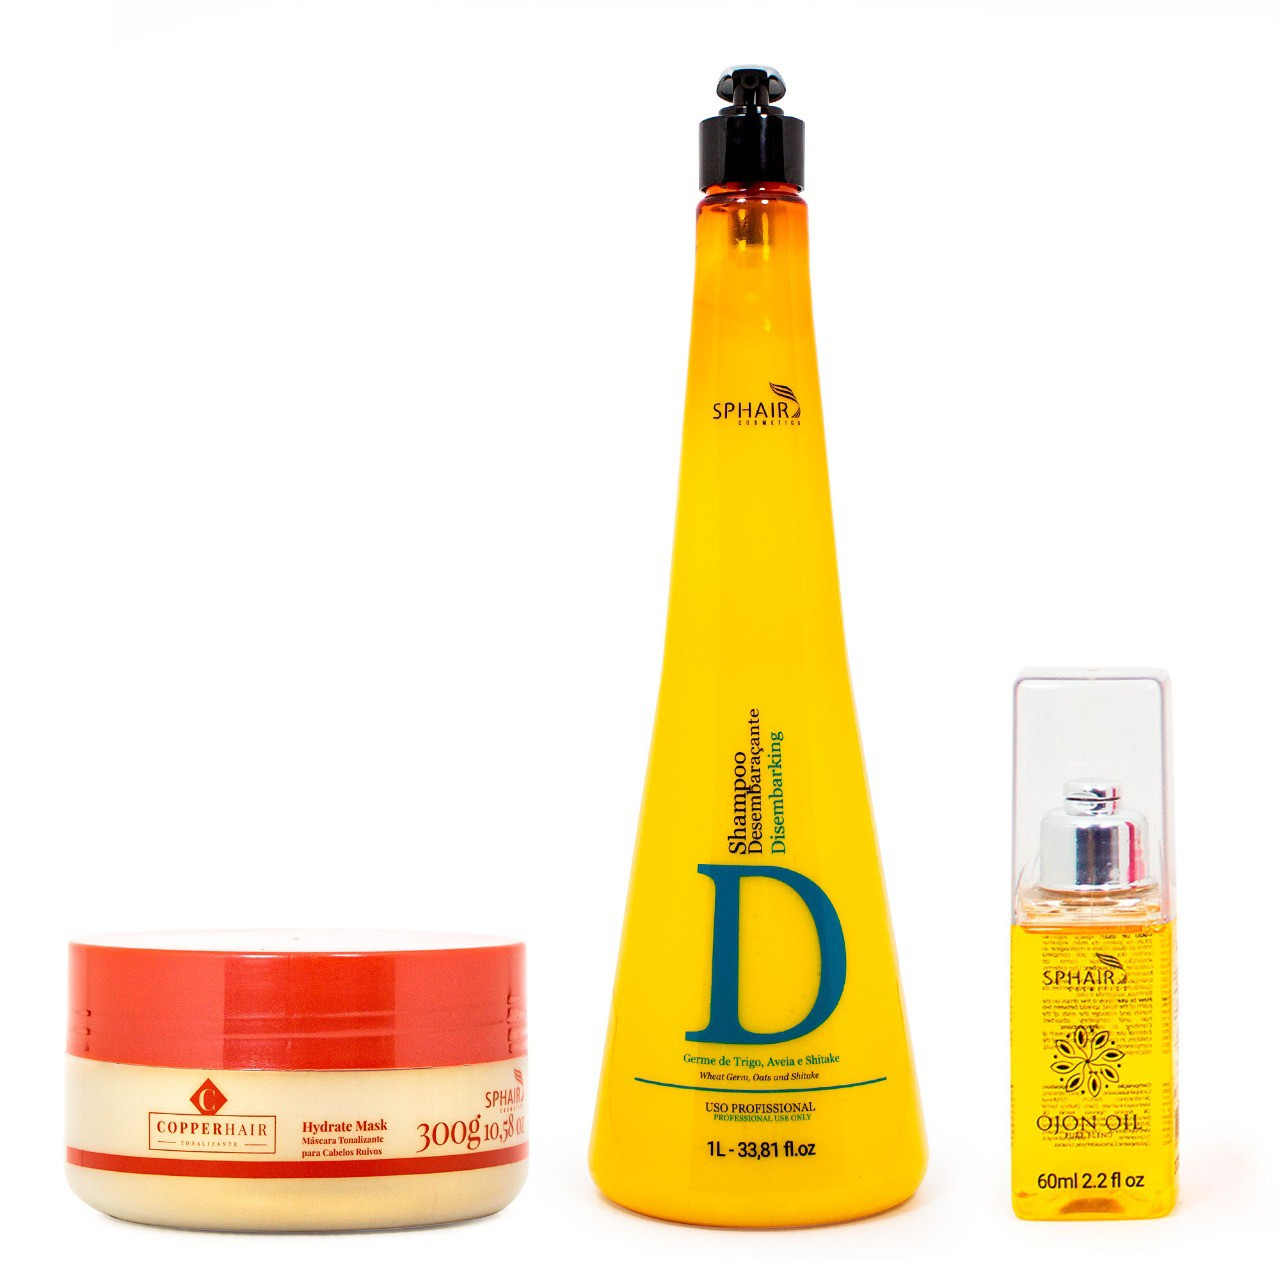 <b>Tratamento de hidratação e cor para cabelos ruivos</b>: mais vida, brilho e maciez